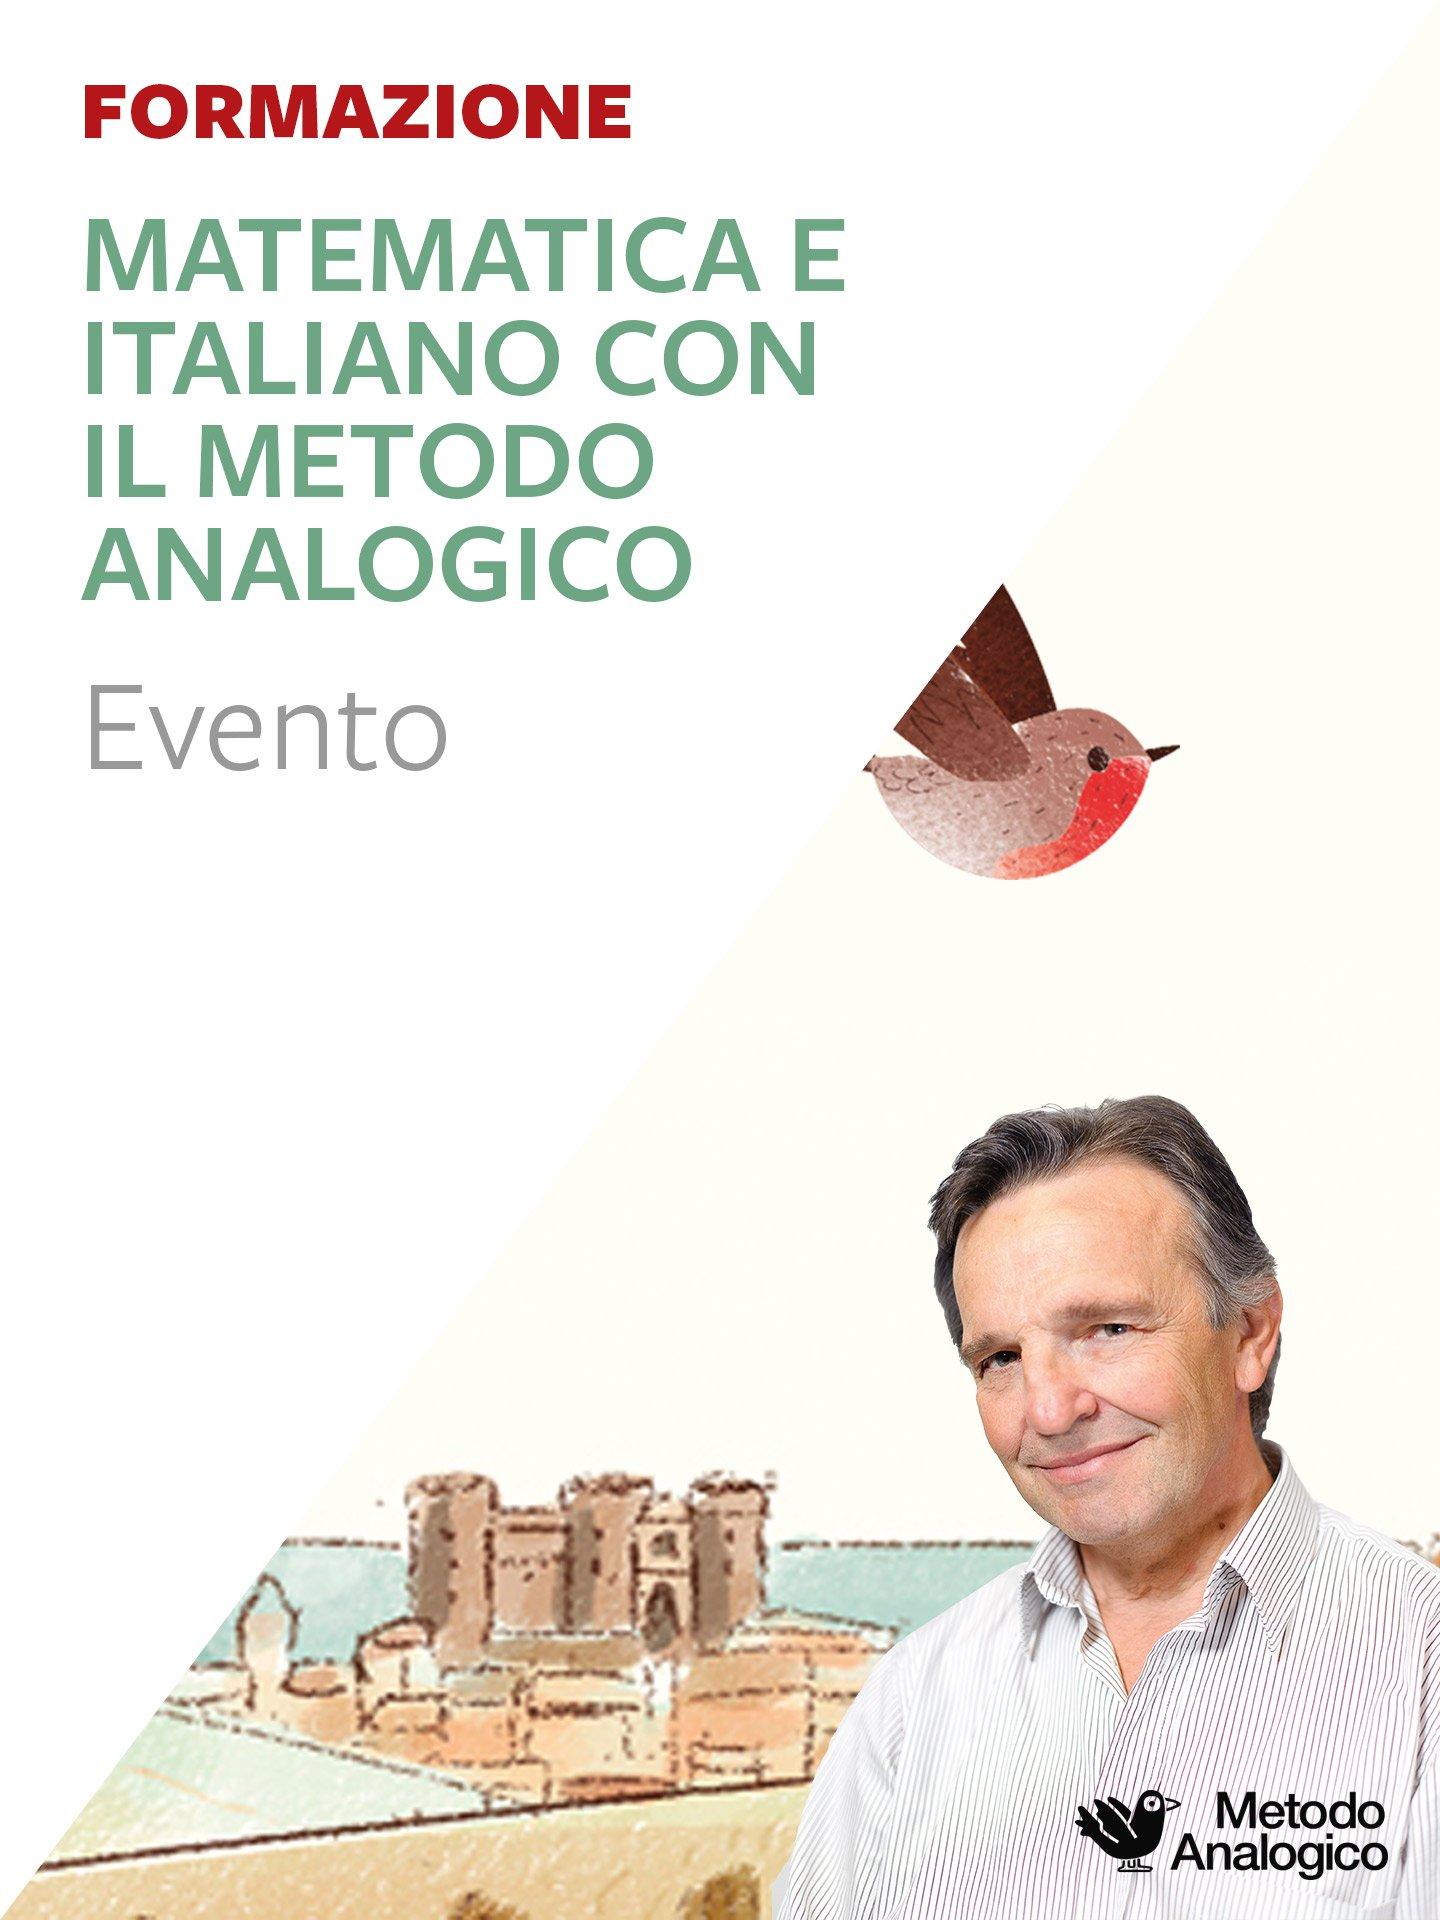 Matematica e italiano con il metodo analogico - Napoli - Metodo Analogico Formazione - Erickson